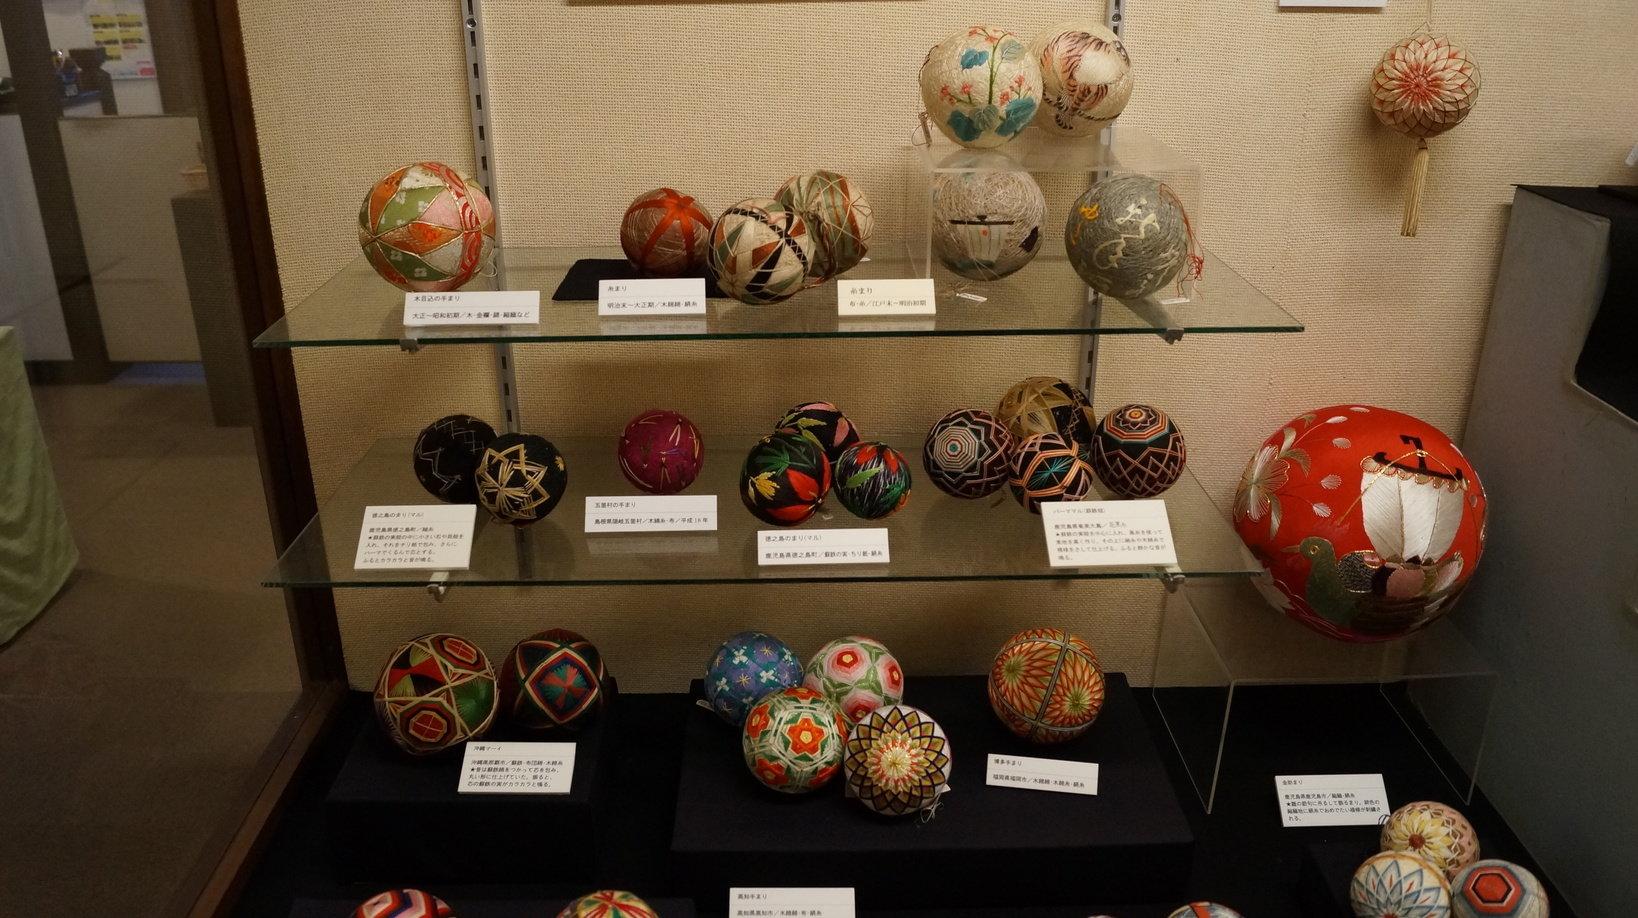 3号館の手まりの展示。古い物だと江戸時代の手まりも並んでいます